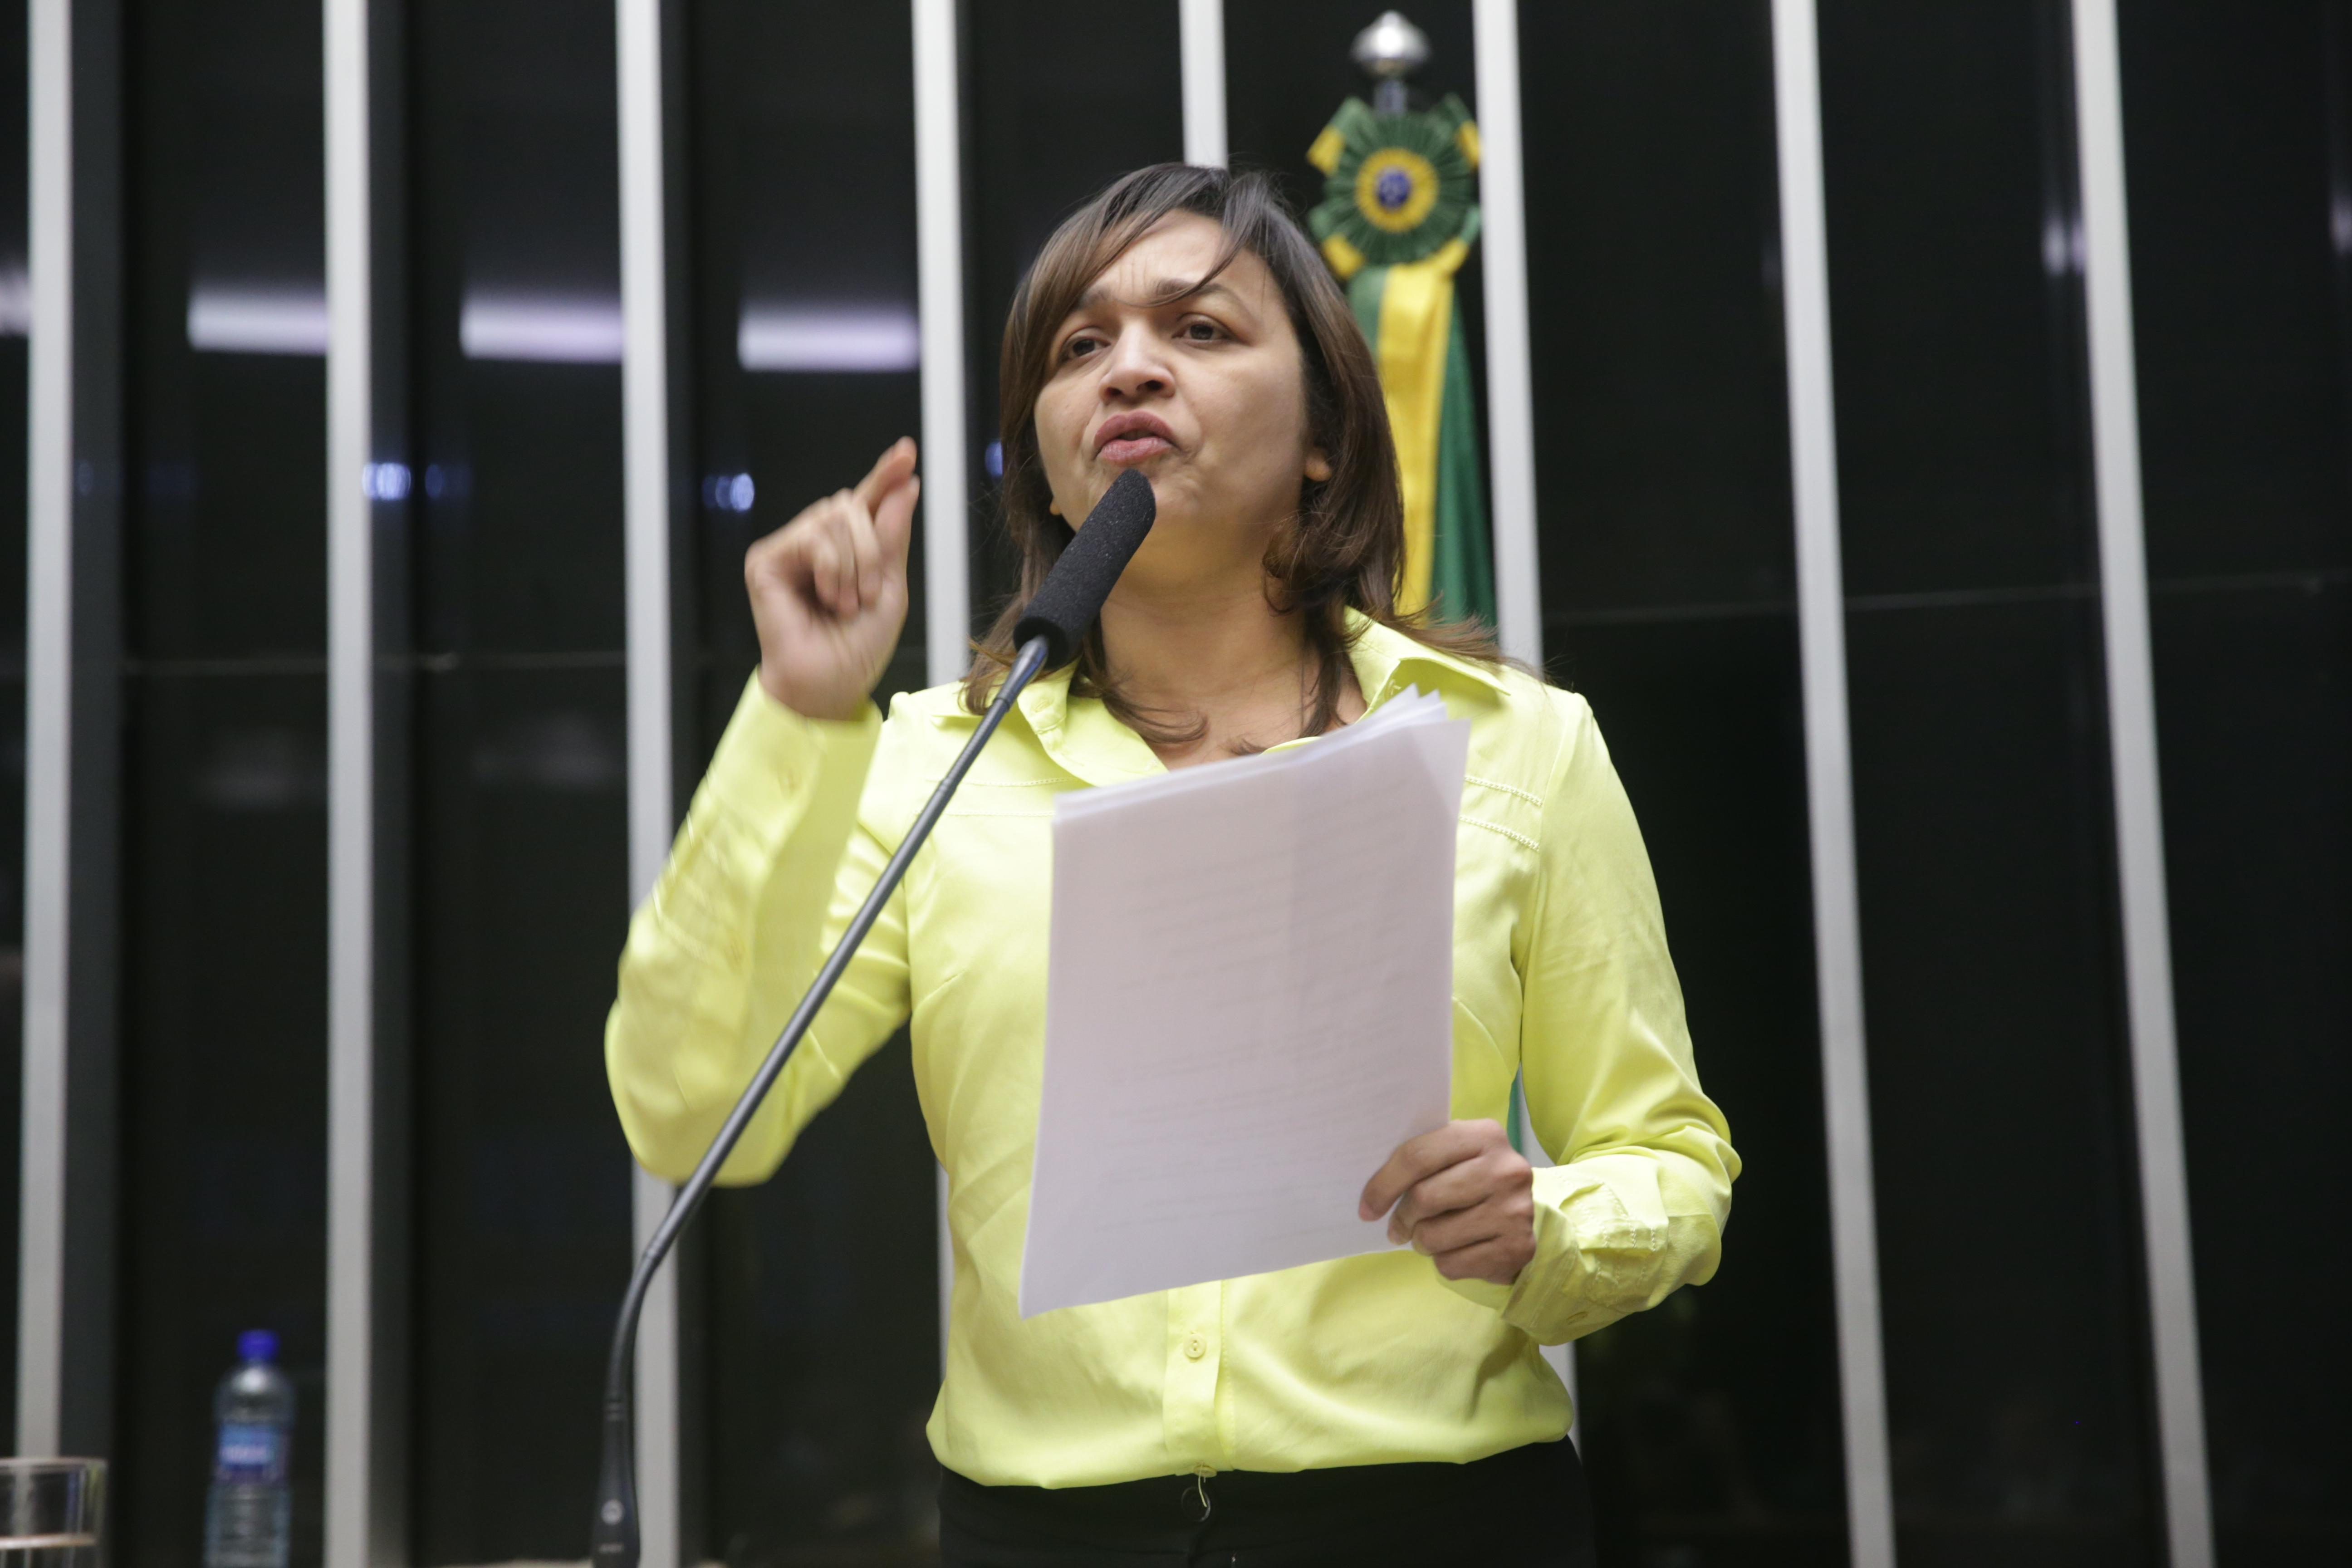 Sessão especial para discussão e votação do parecer do dep. Jovair Arantes (PTB-GO), aprovado em comissão especial, que recomenda a abertura do processo de impeachment da presidente da República - Dep. Eliziane Gama (PPS/MA)